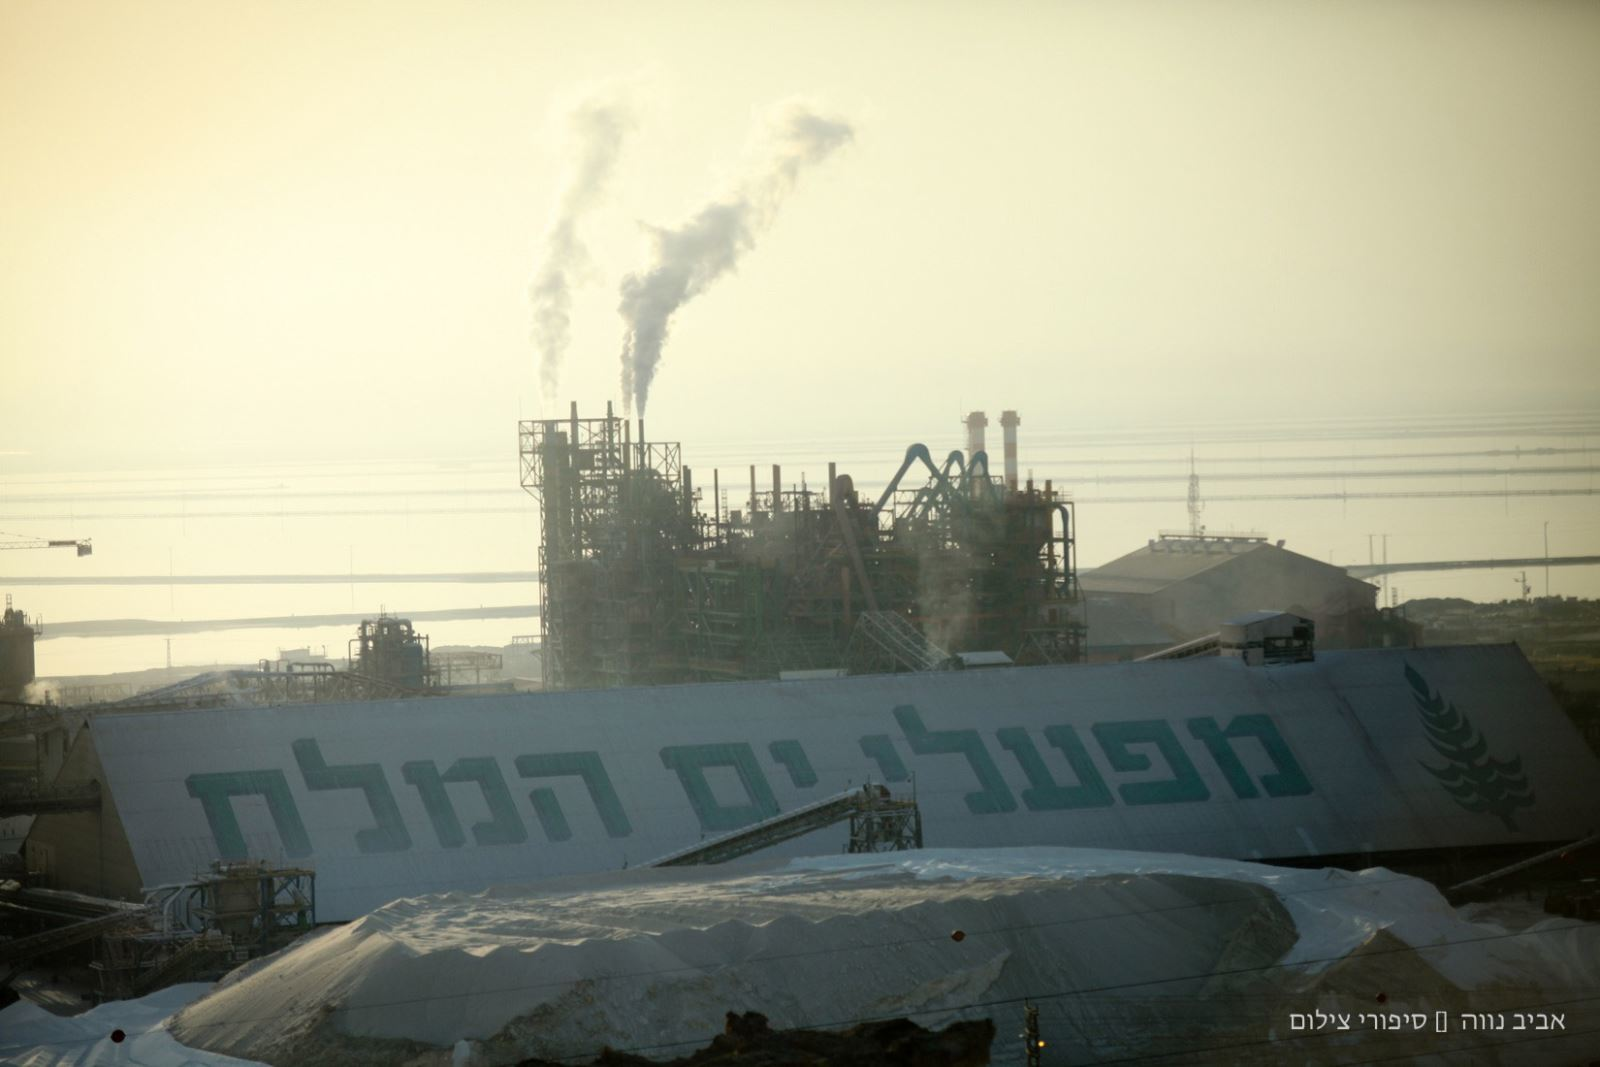 סיורים מודרכים למפעלי ים המלחים